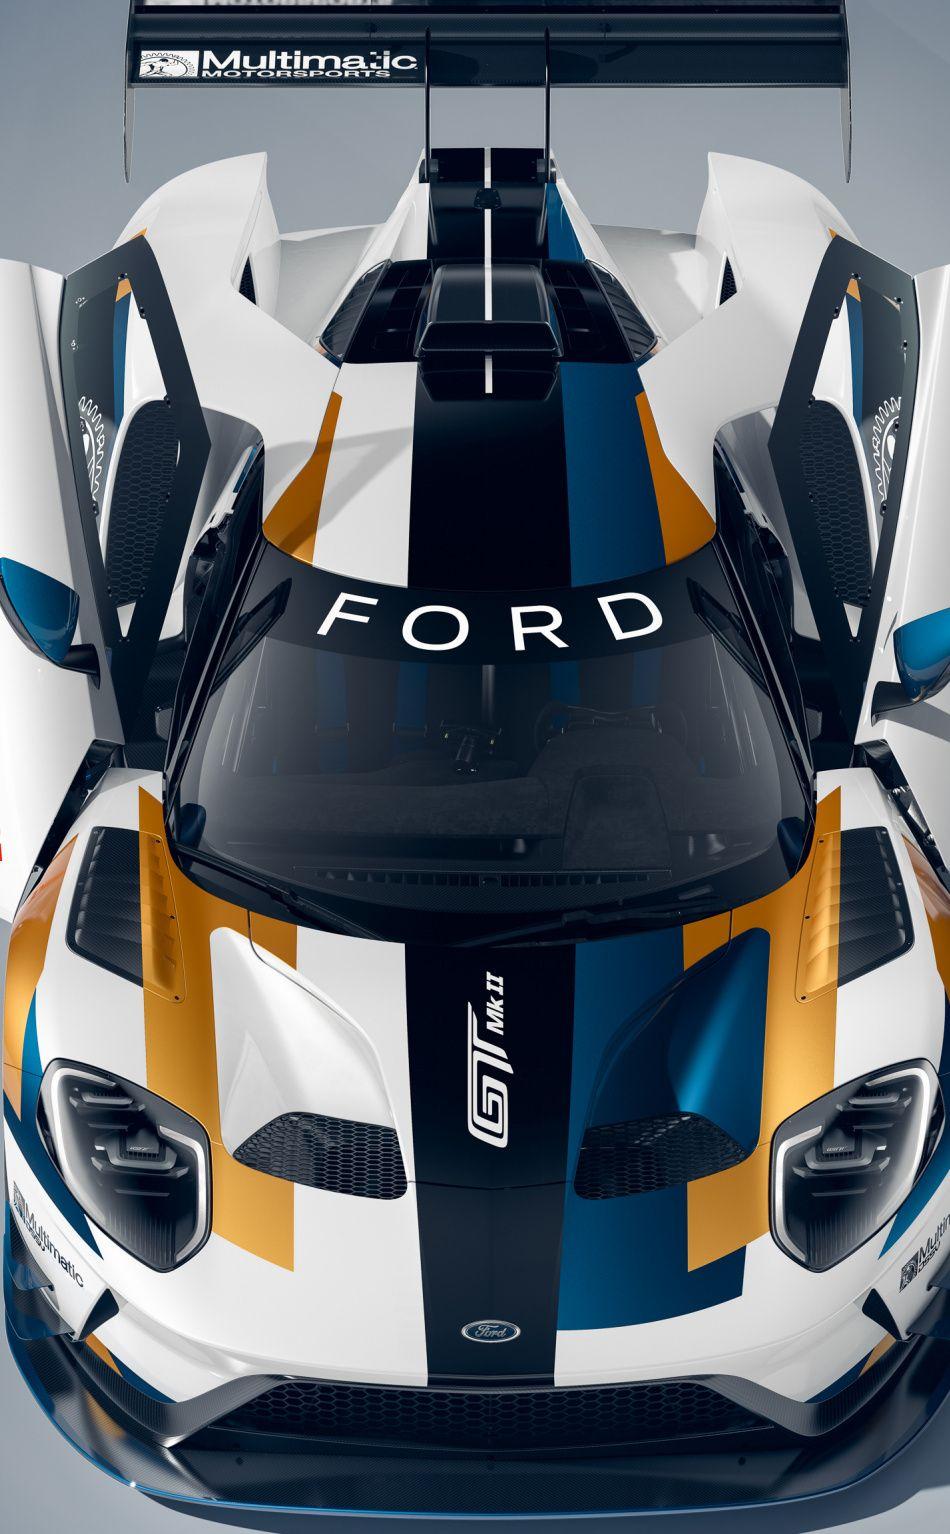 950x1534 Ford GT MK II 2019 sports car wallpaper Cars Gt 950x1534